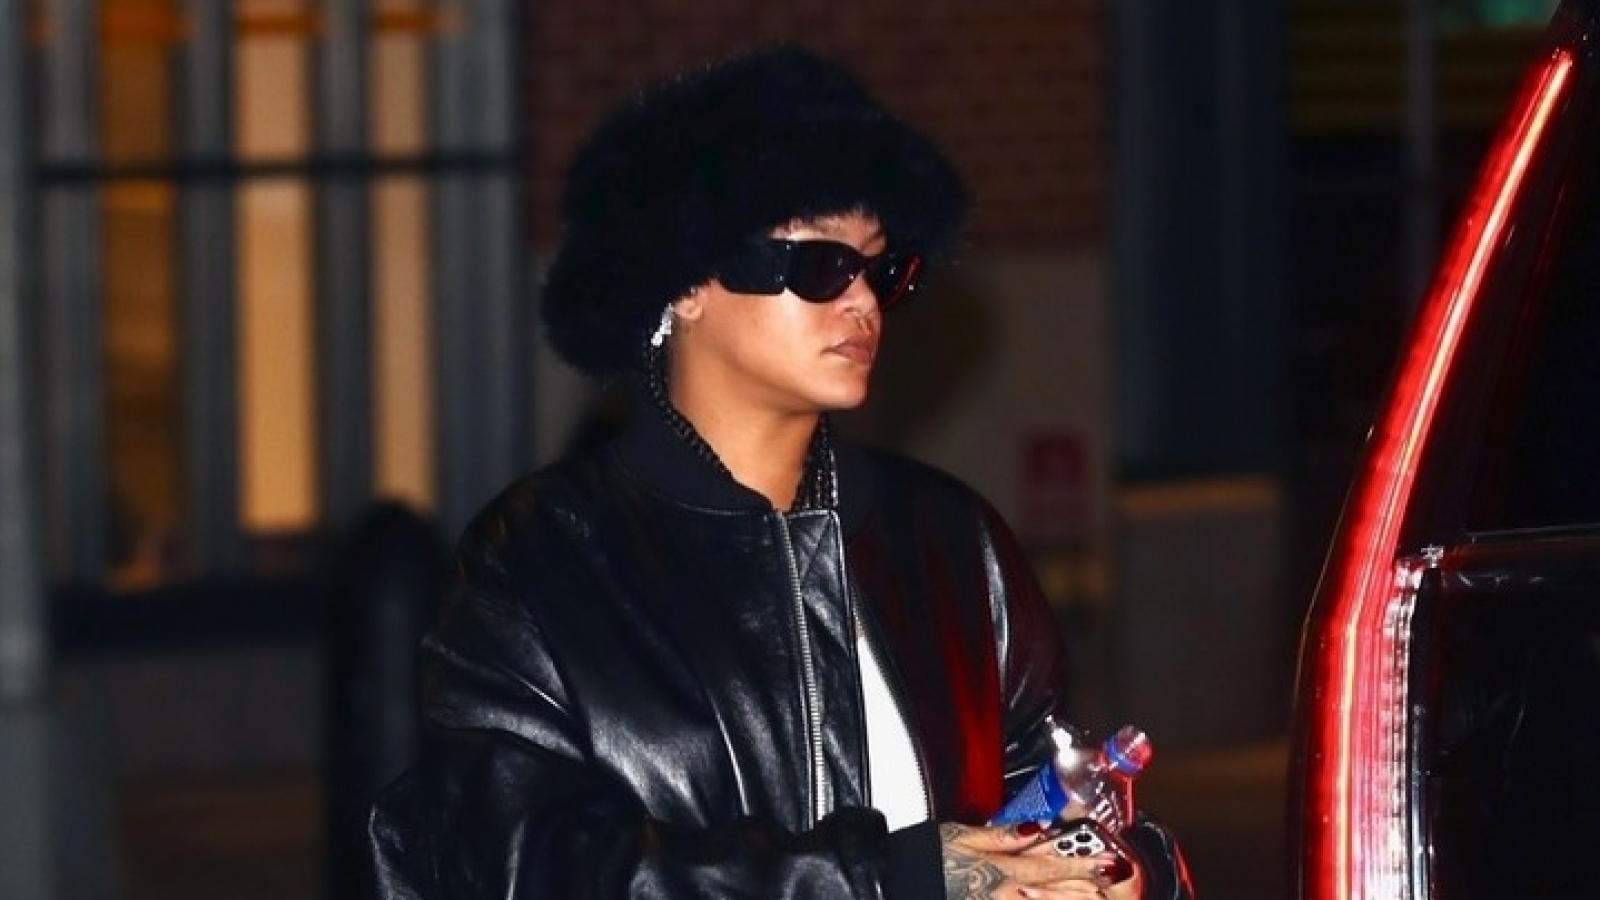 Tỷ phú Rihanna đội mũ lông ấn tượng đi chơi đêm